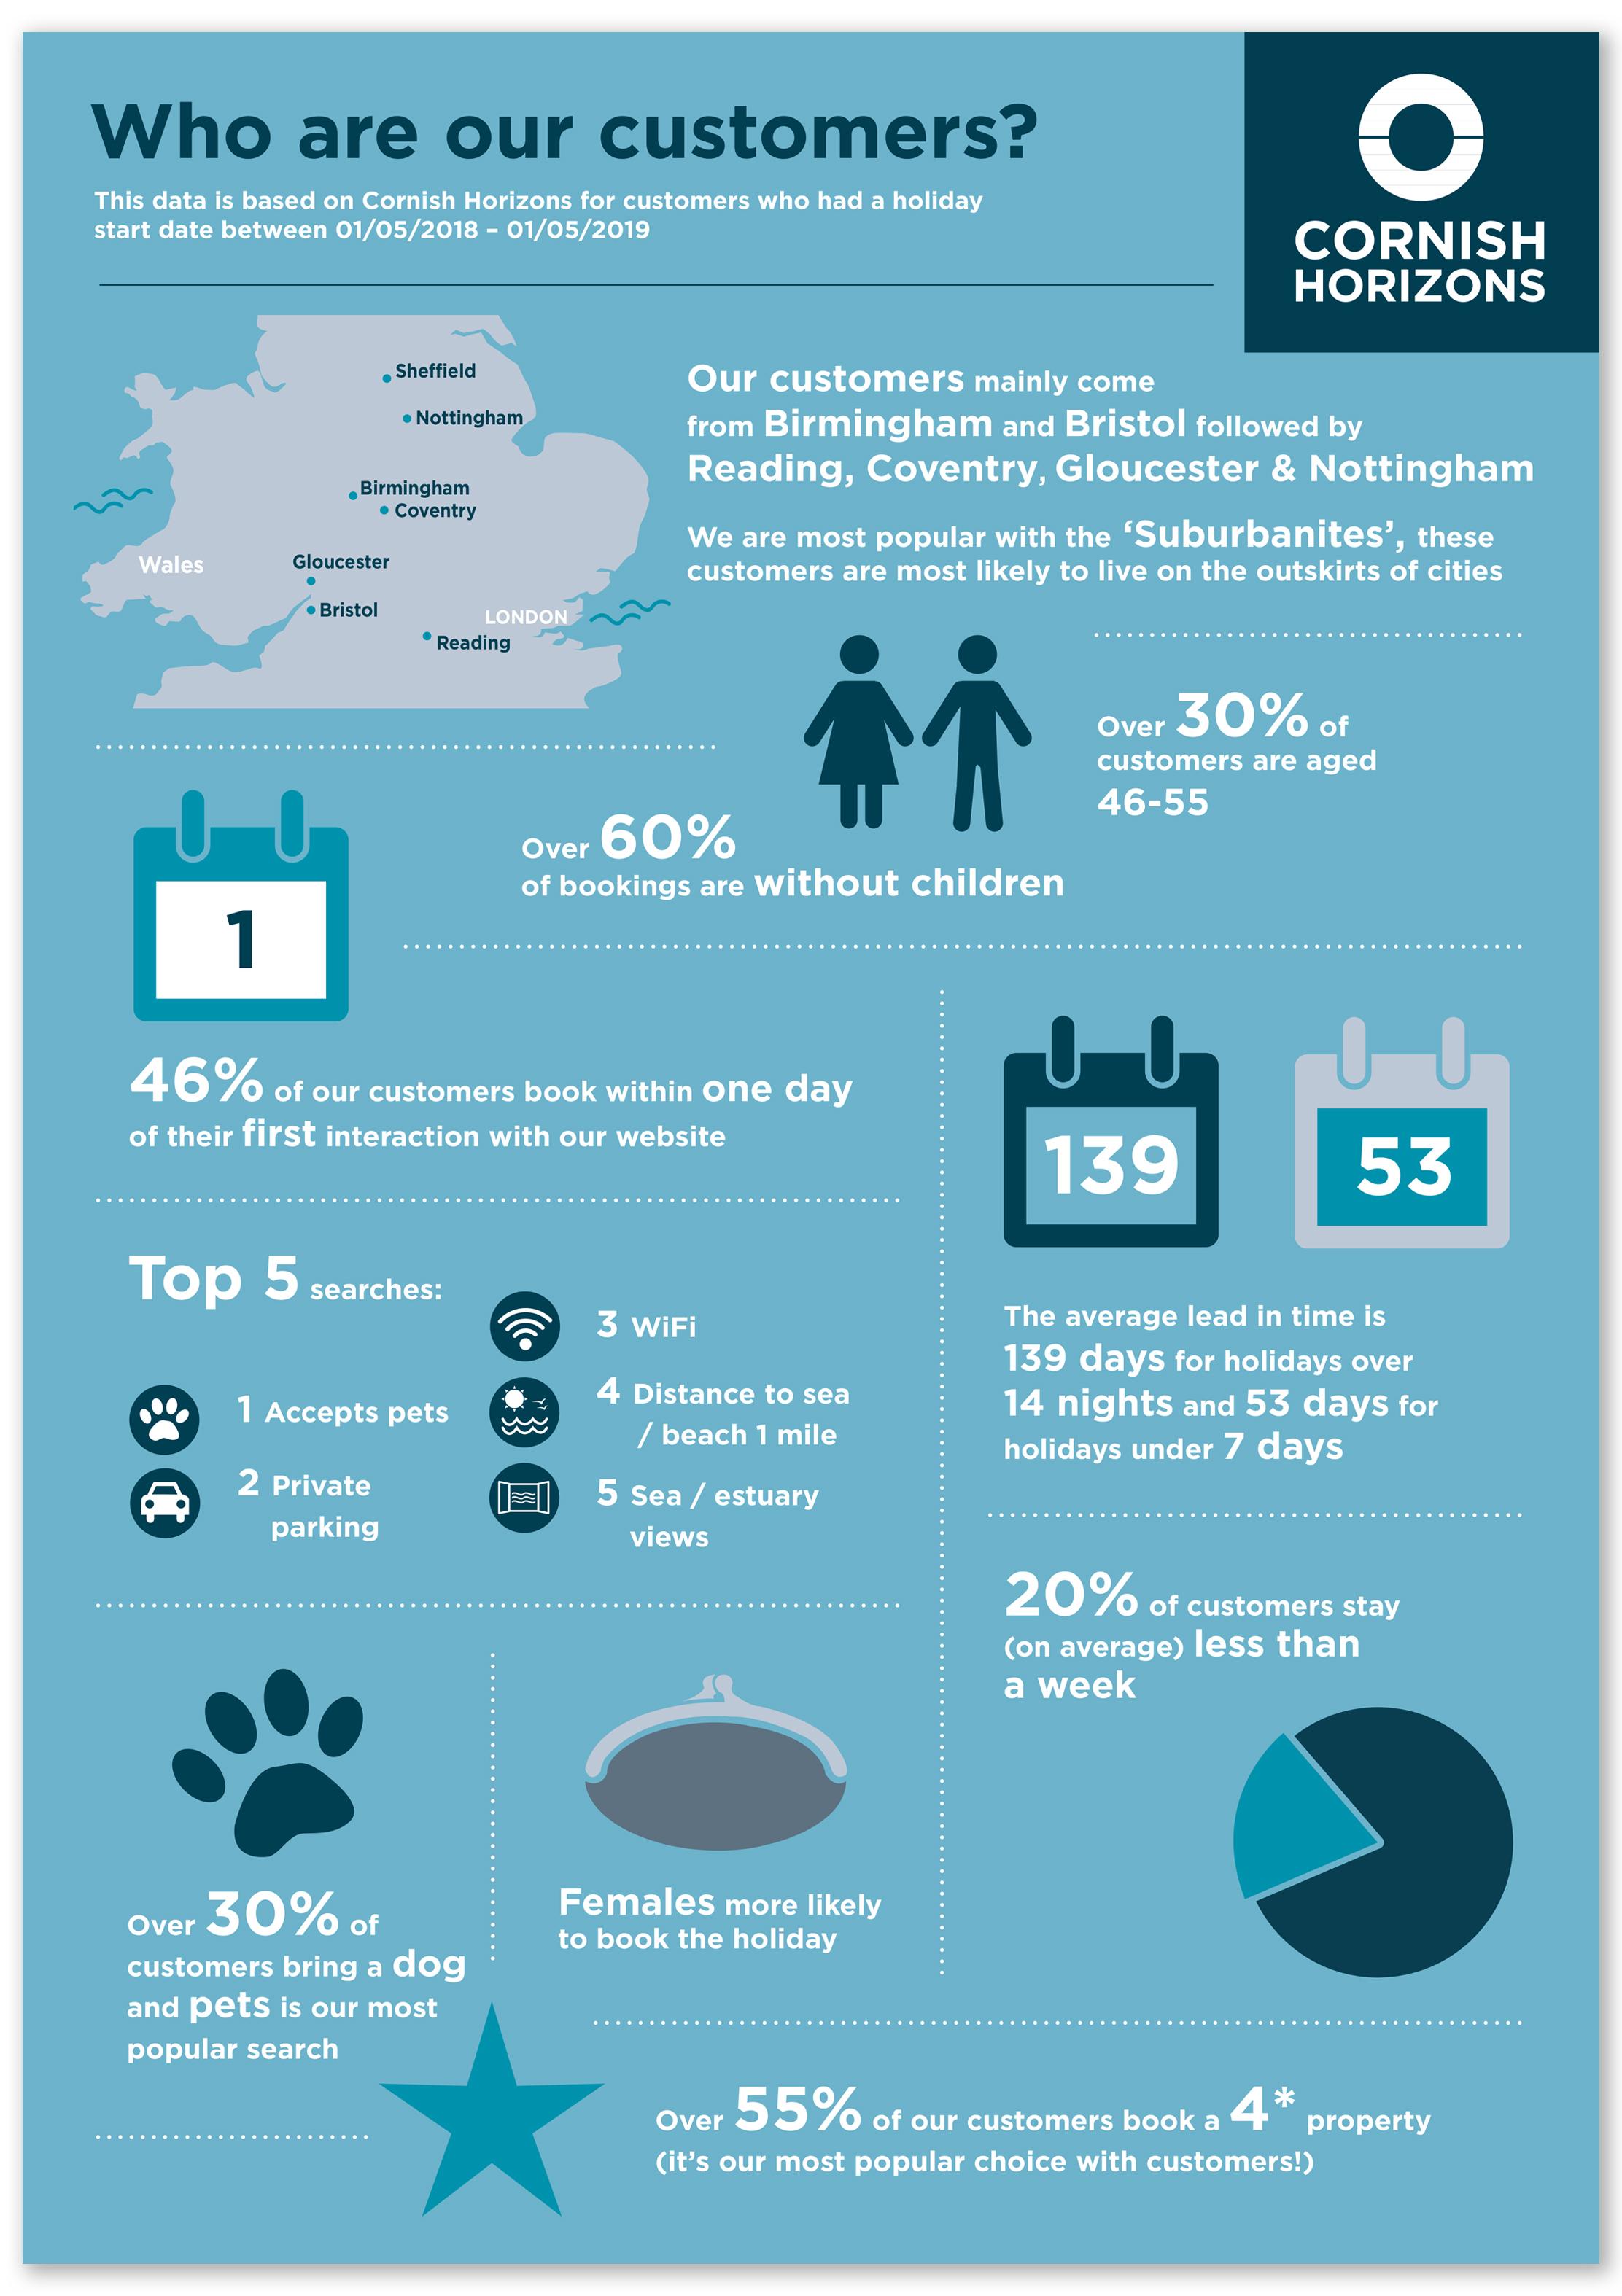 Cornish Horizons info graphics